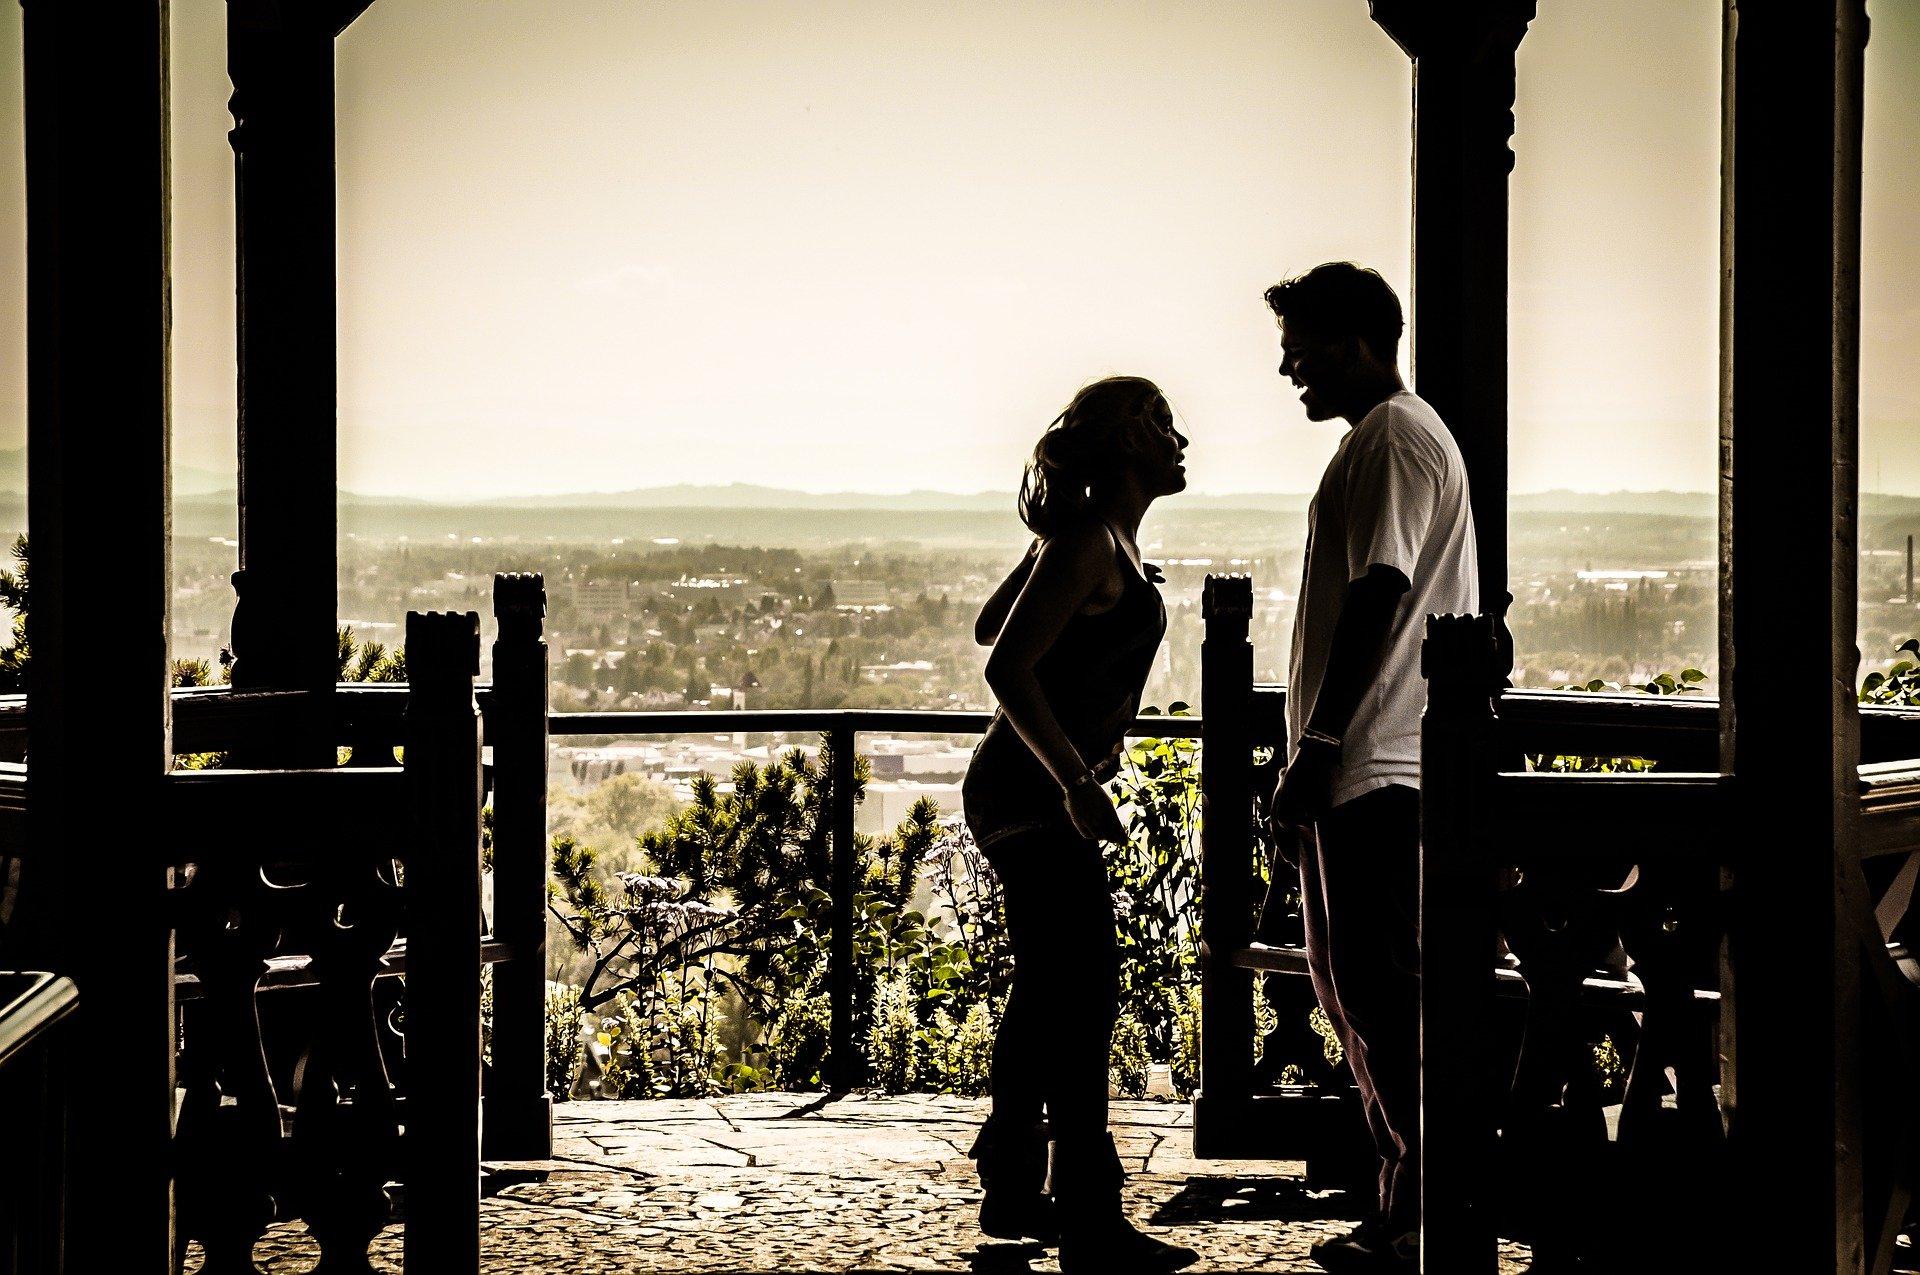 Foto: Streitendes Paar im Gegenlicht, dass